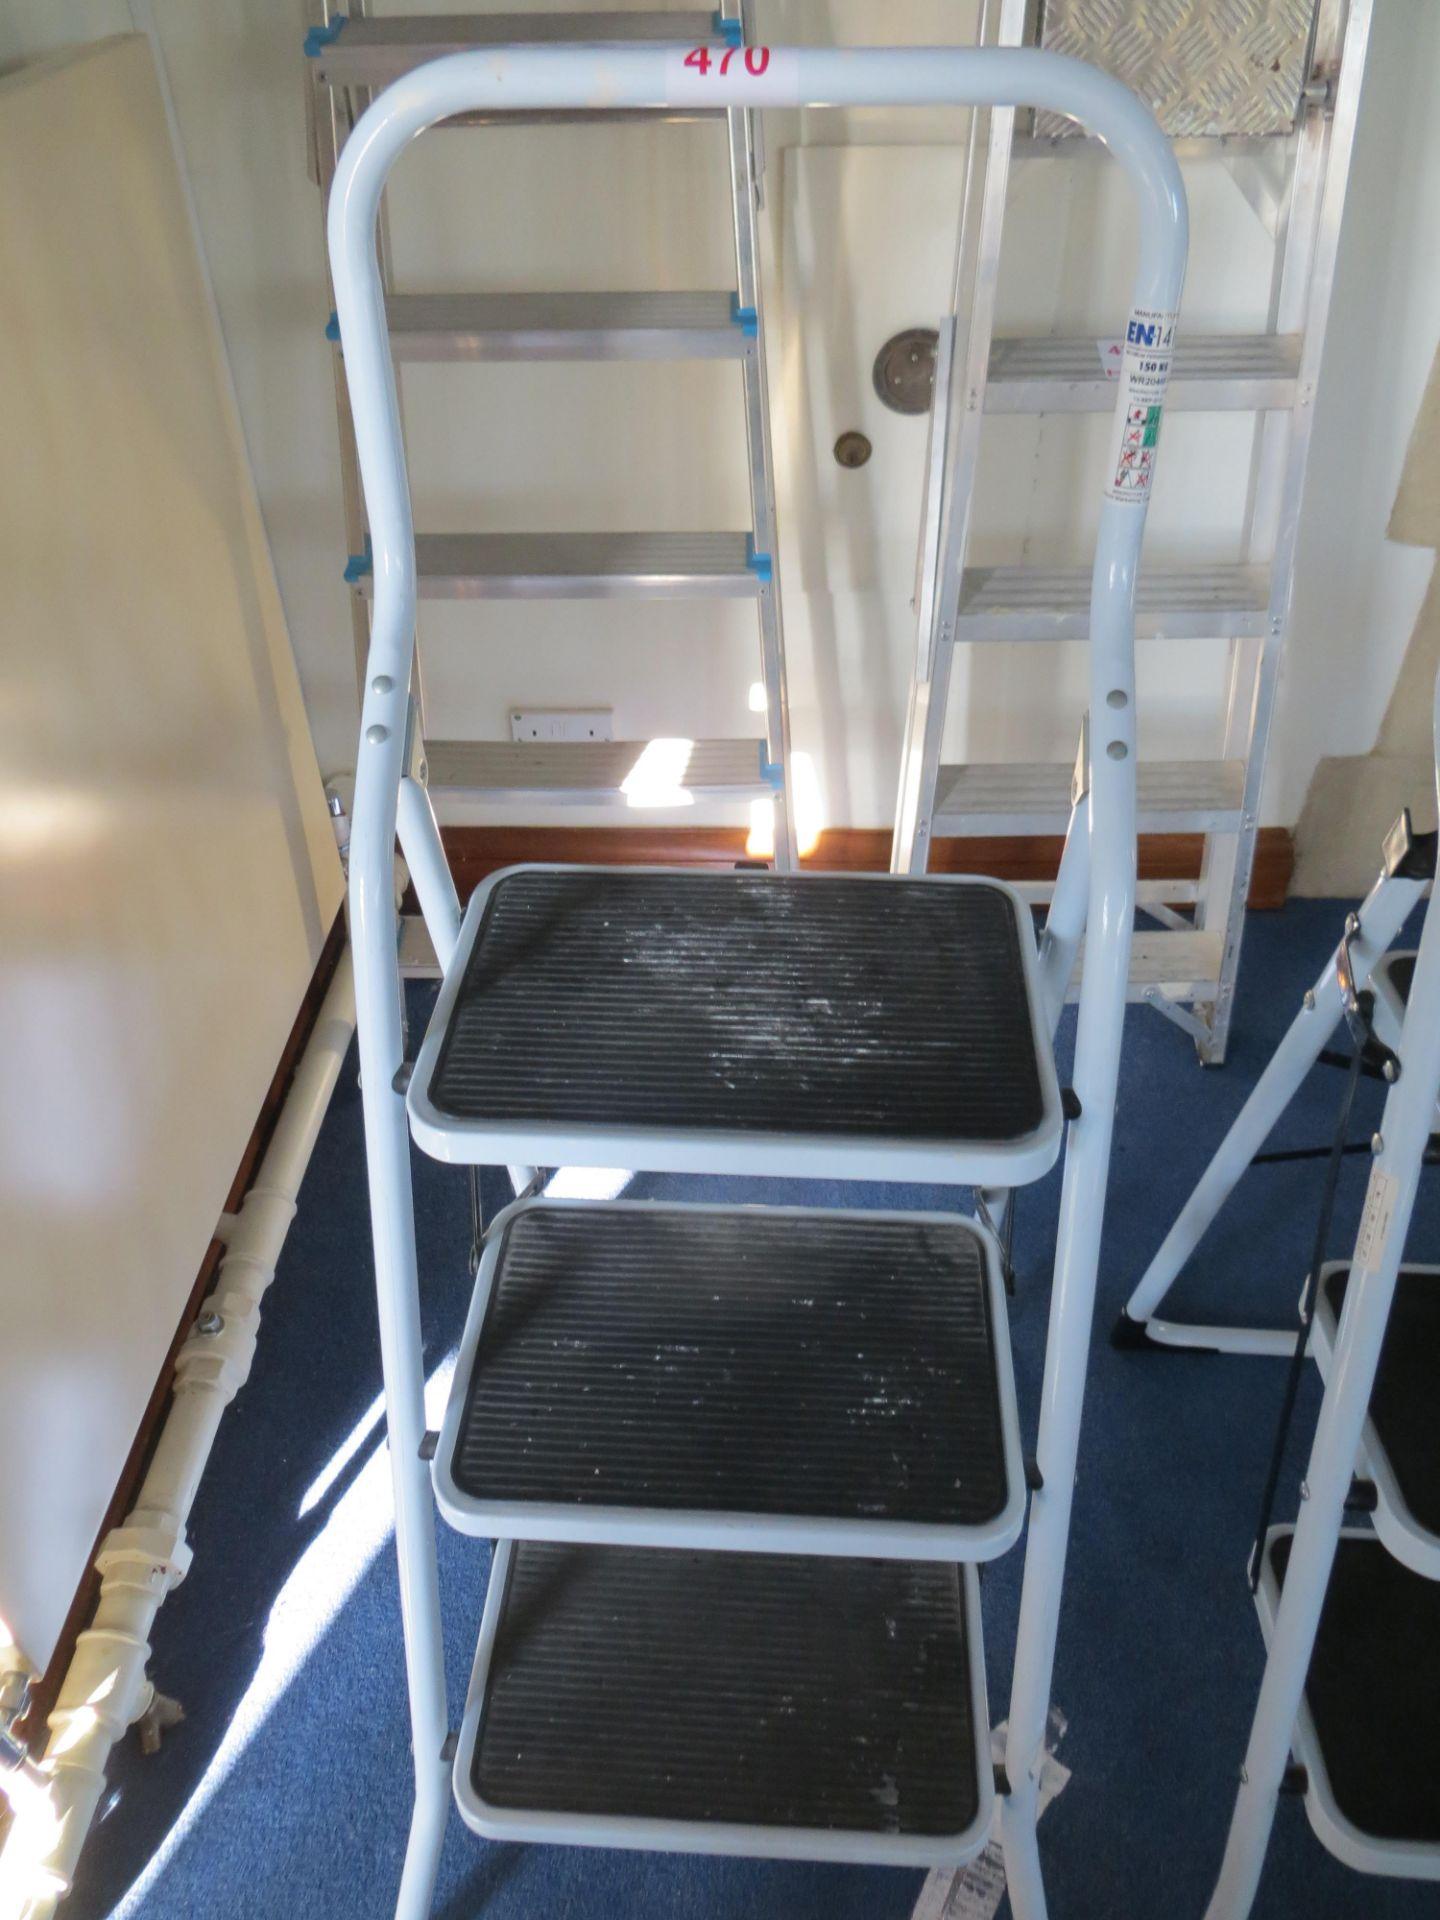 Lot 470 - Three tread folding steps